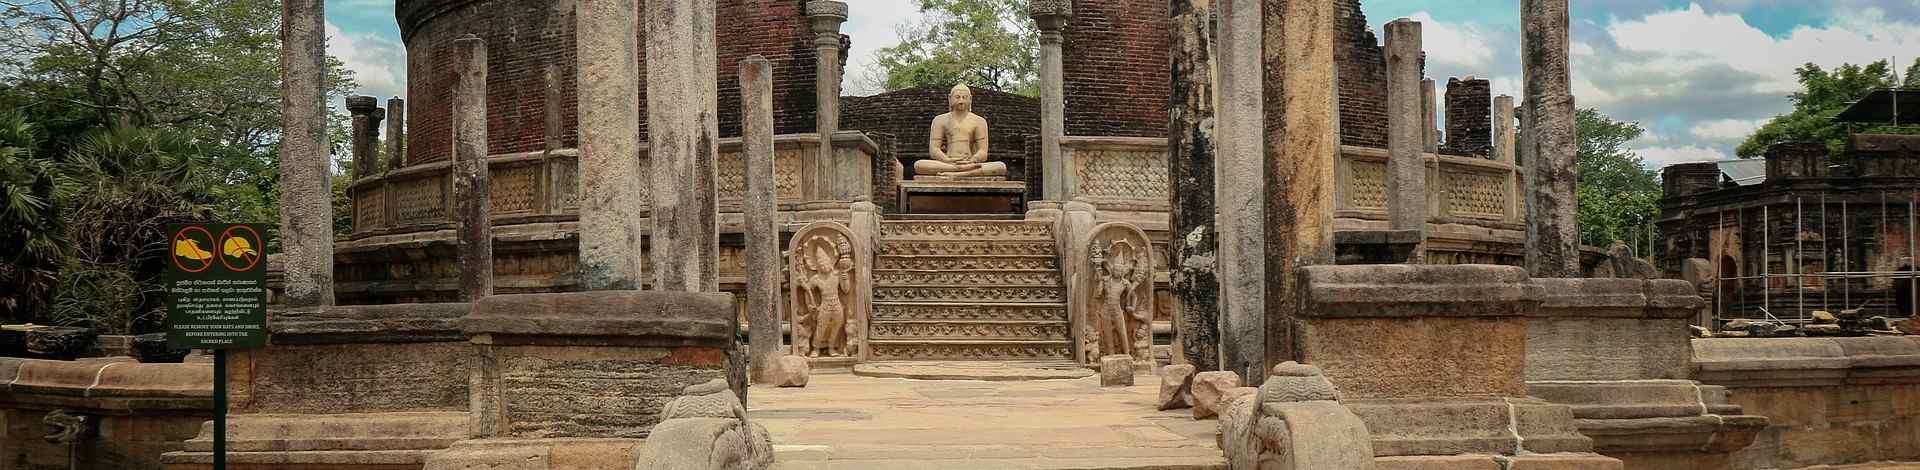 Polonnaruwa site archéologique Sigiriya